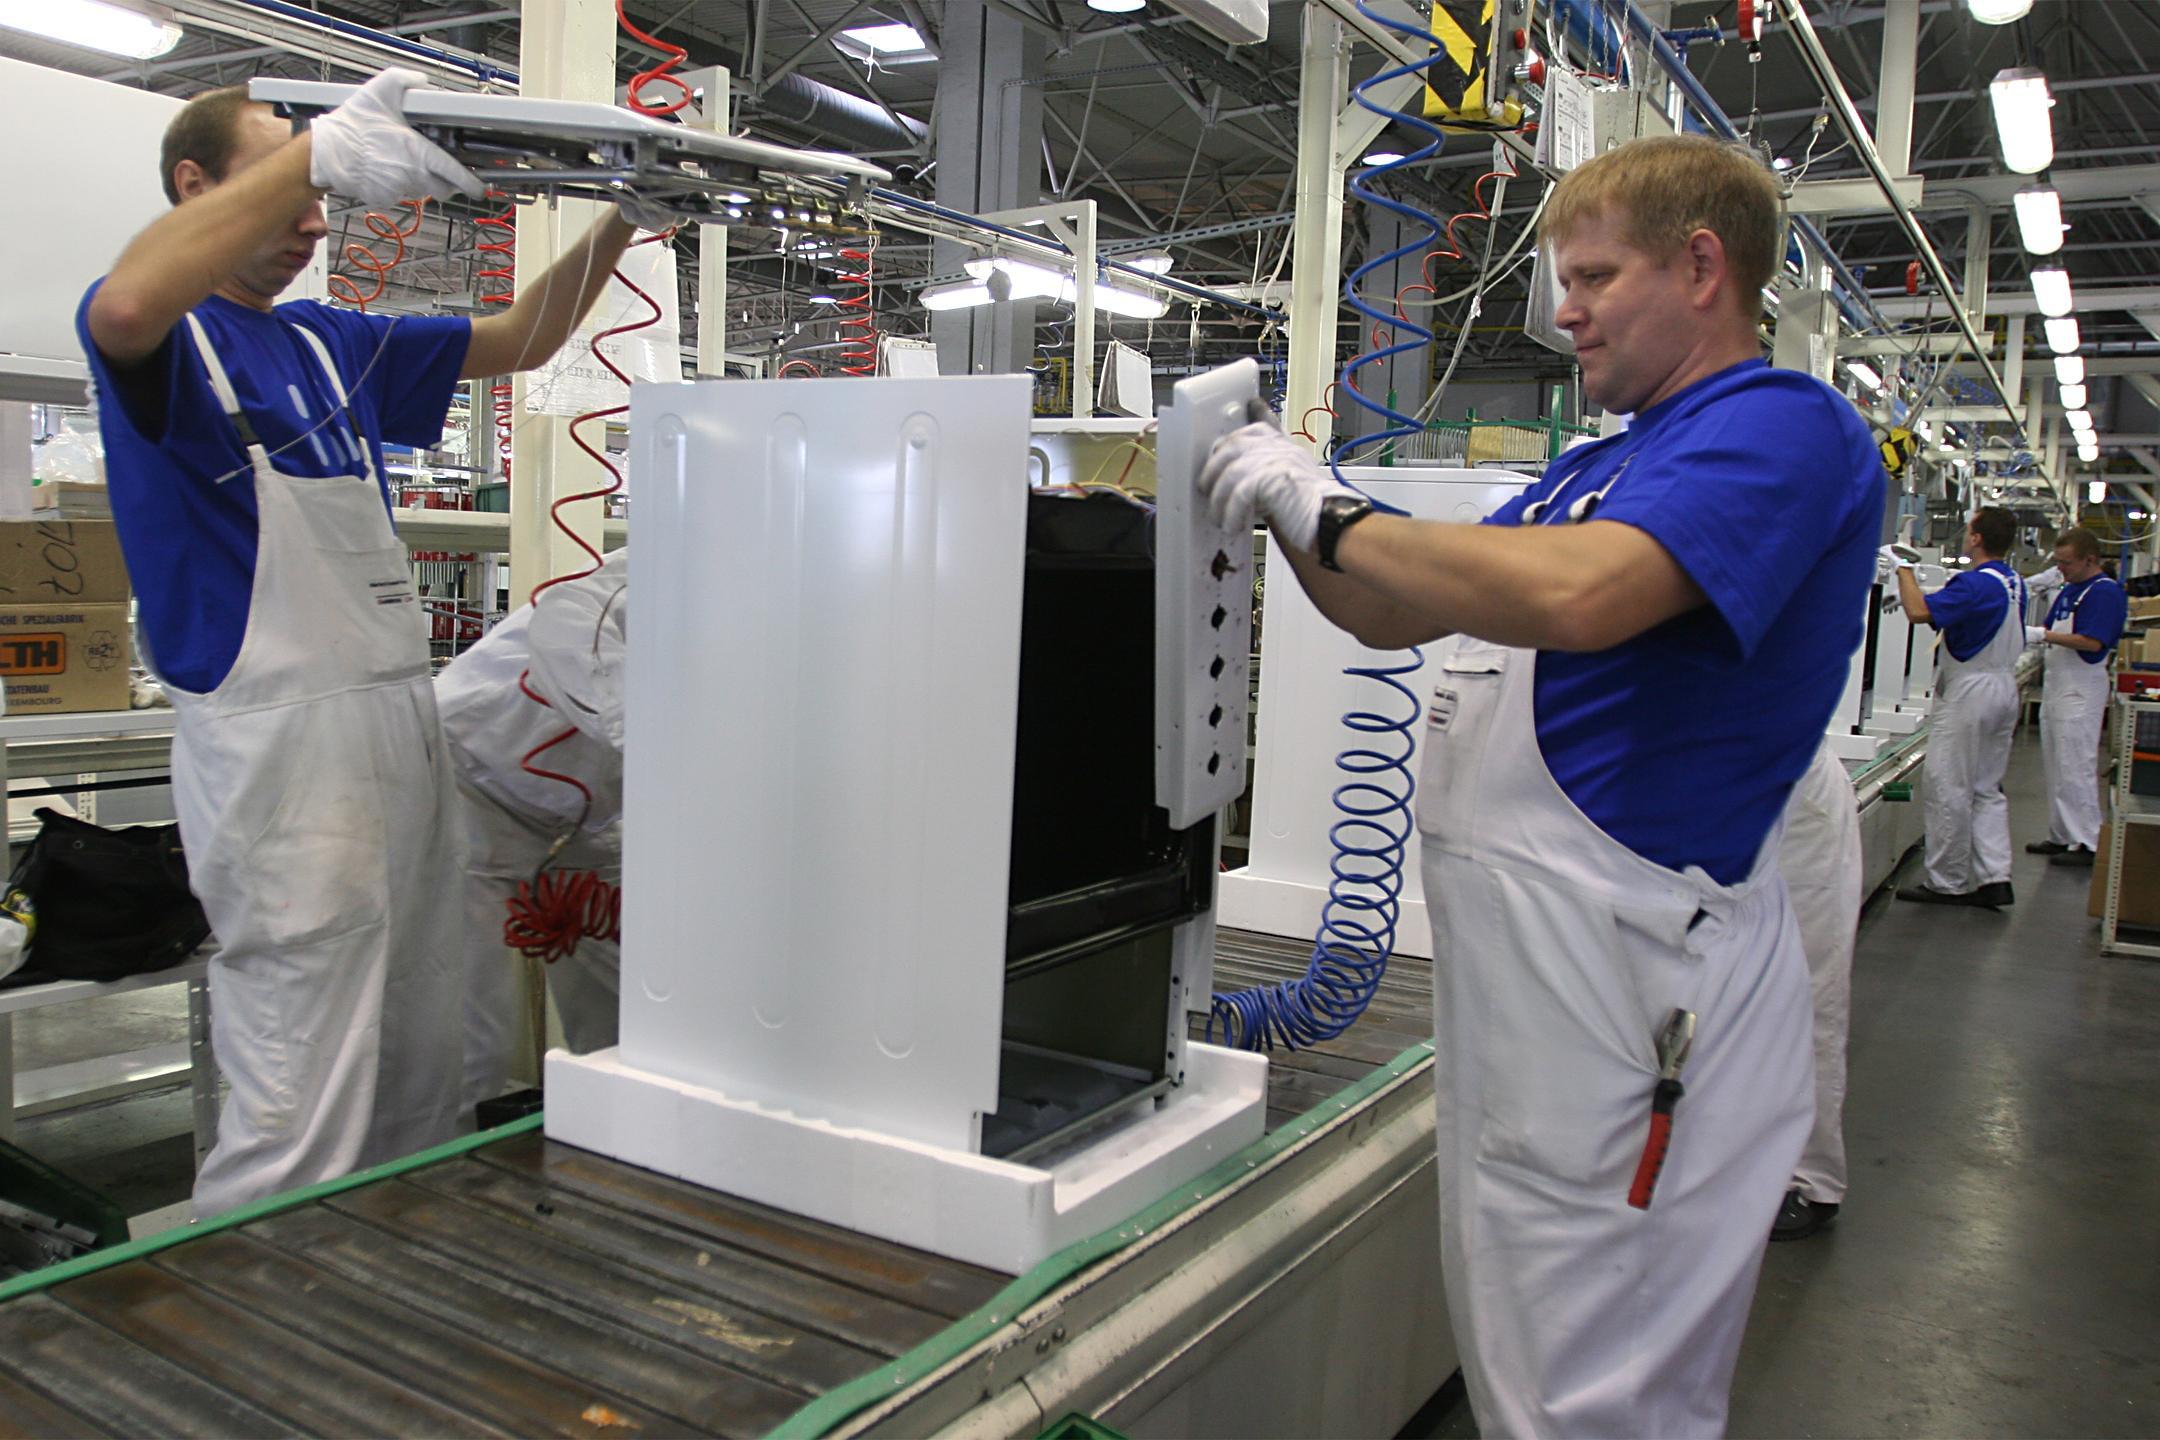 Crisi economica: segnali di vita dalla produzione industriale